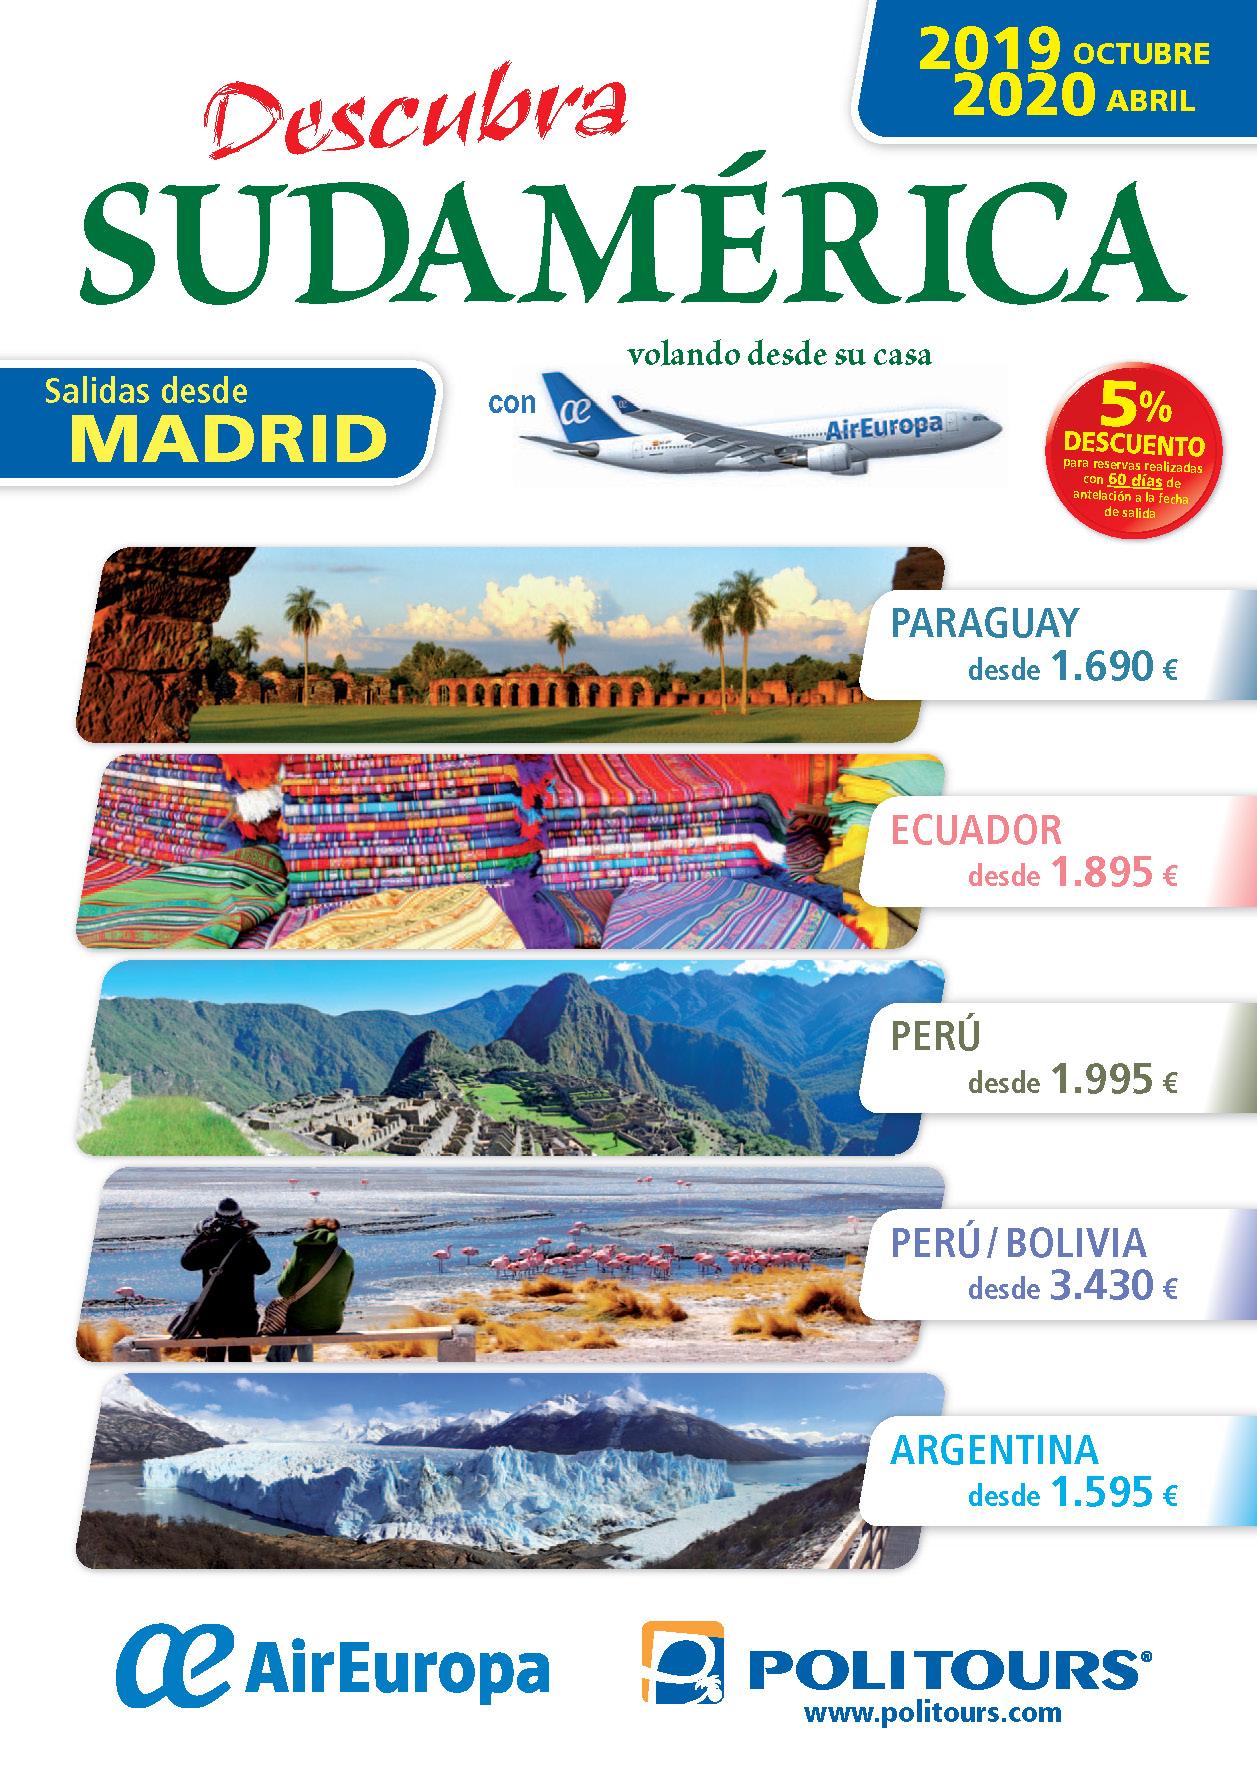 Catalogo Politours Sudamerica desde Madrid 2019-2020